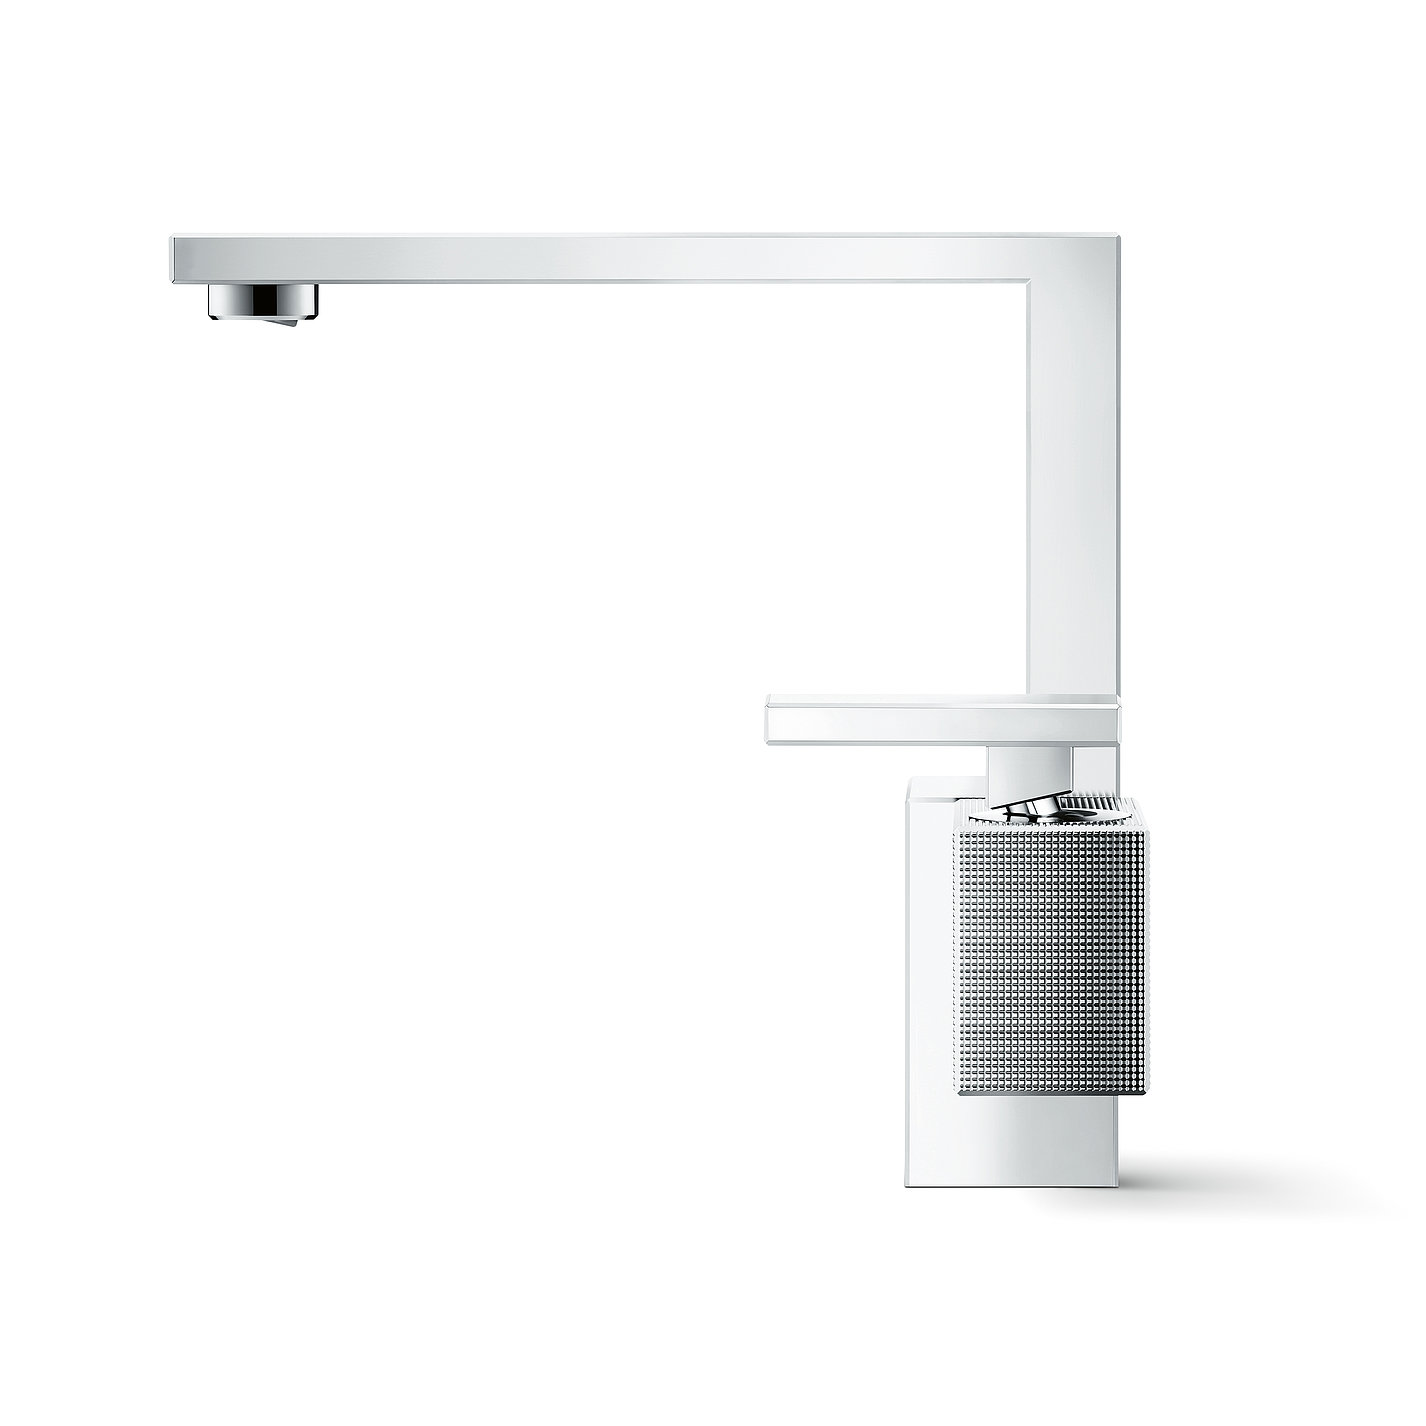 AXOR Edge | Red Dot Design Award